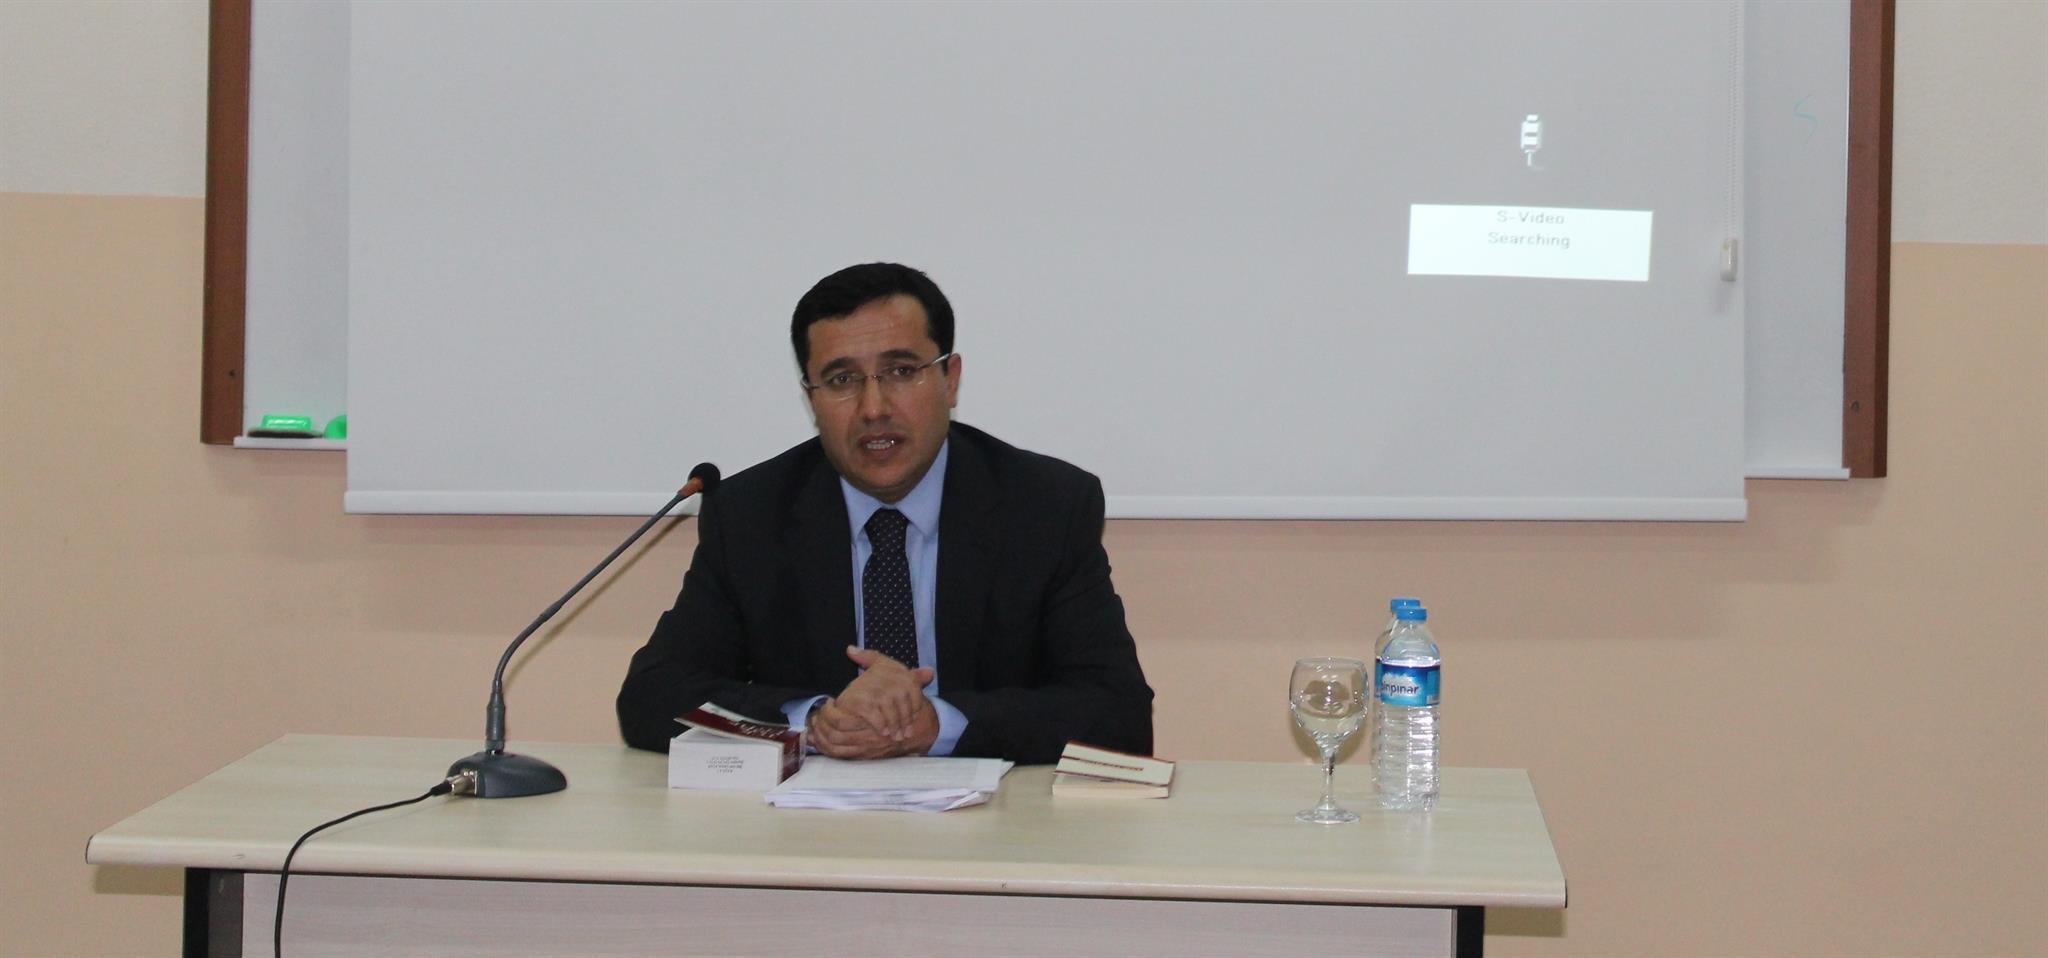 Siirt Barosu Başkanı Cemal Acar'ın açıklaması